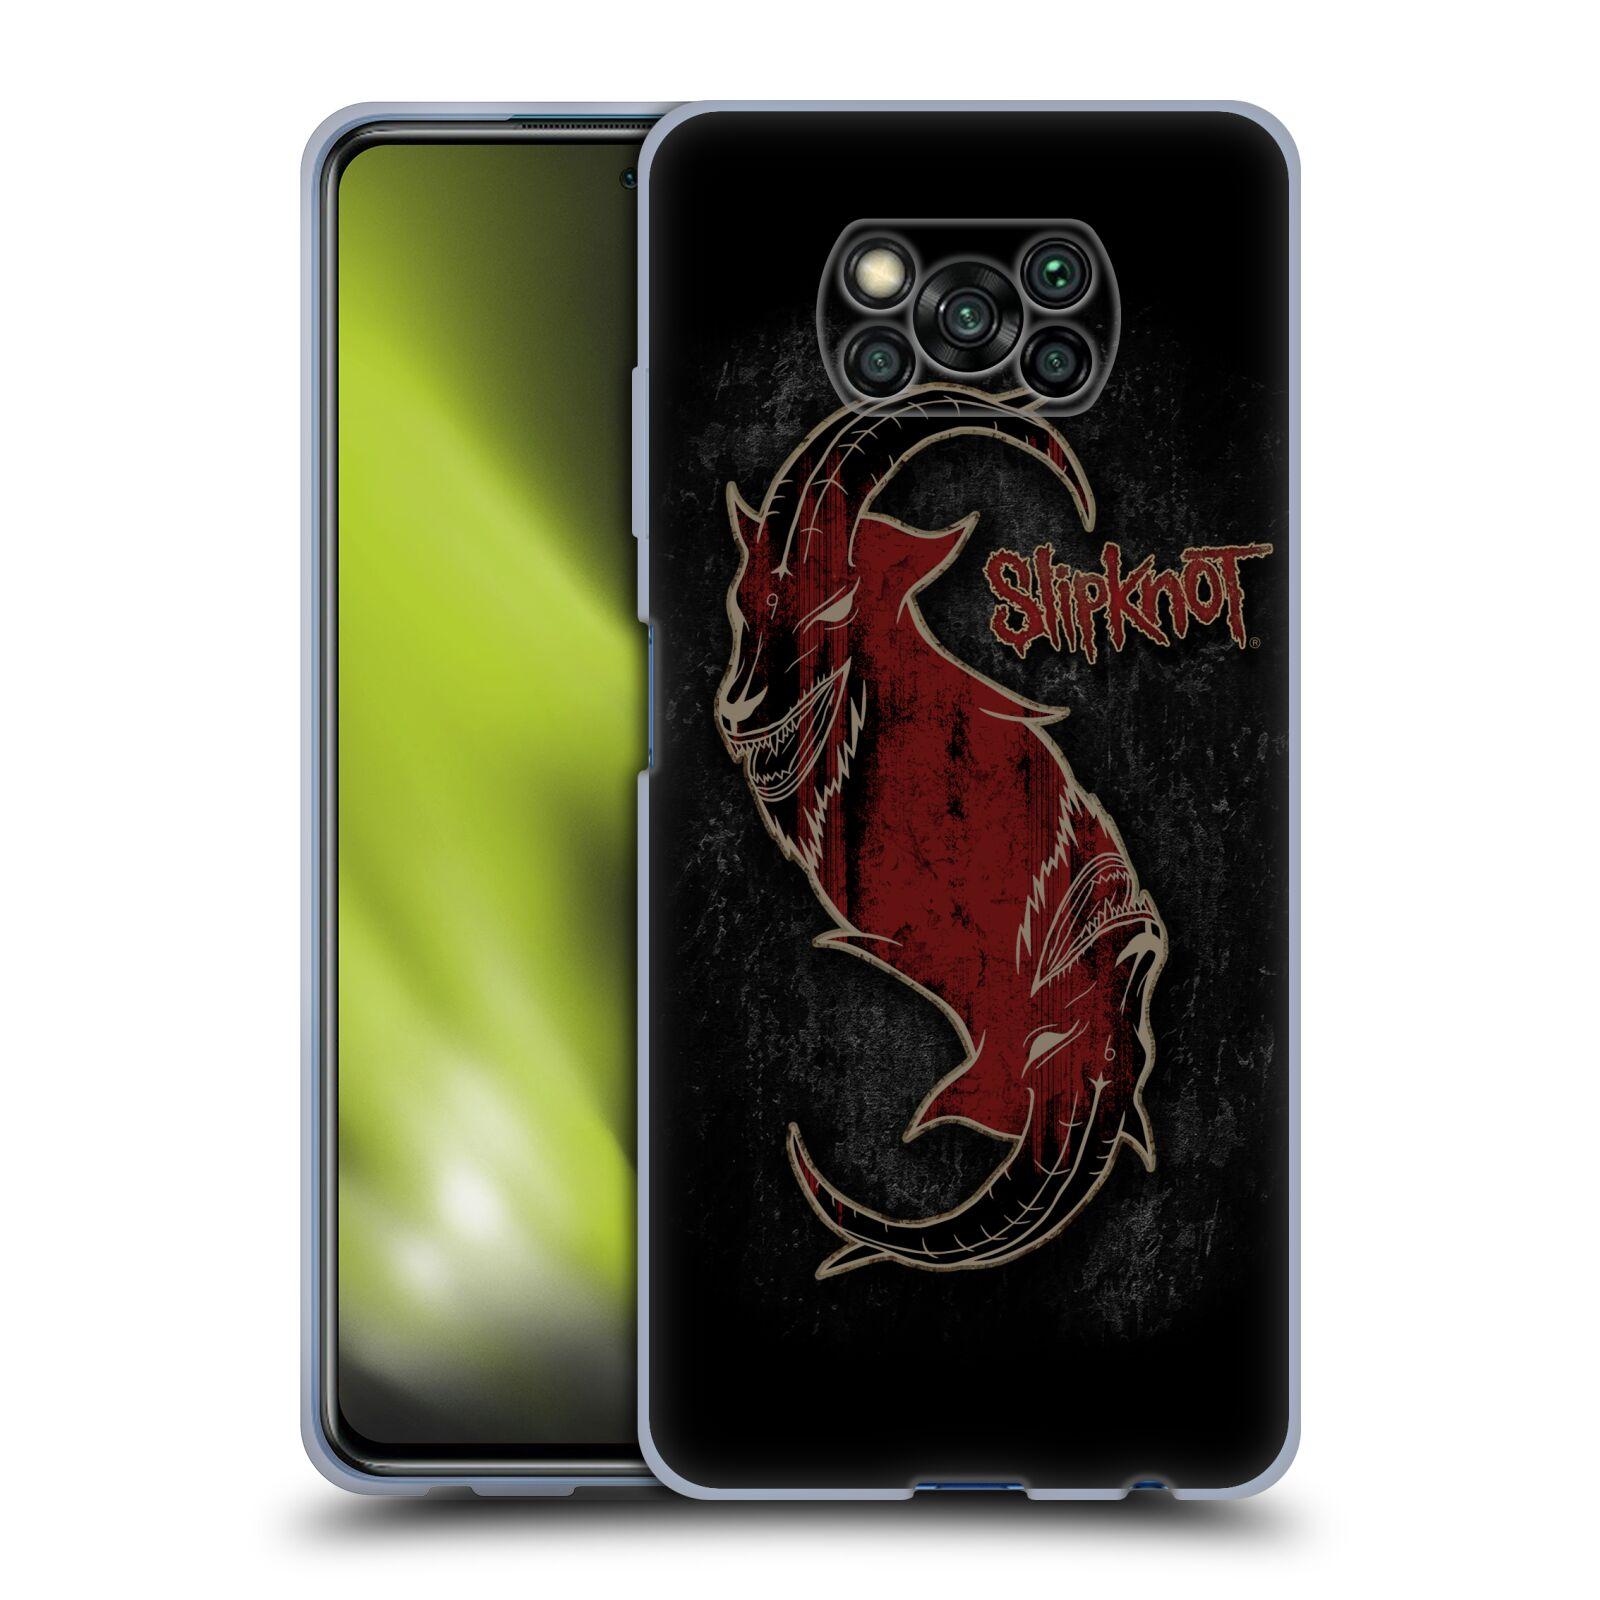 Silikonové pouzdro na mobil Xiaomi Poco X3 NFC - Head Case - Slipknot - Rudý kozel